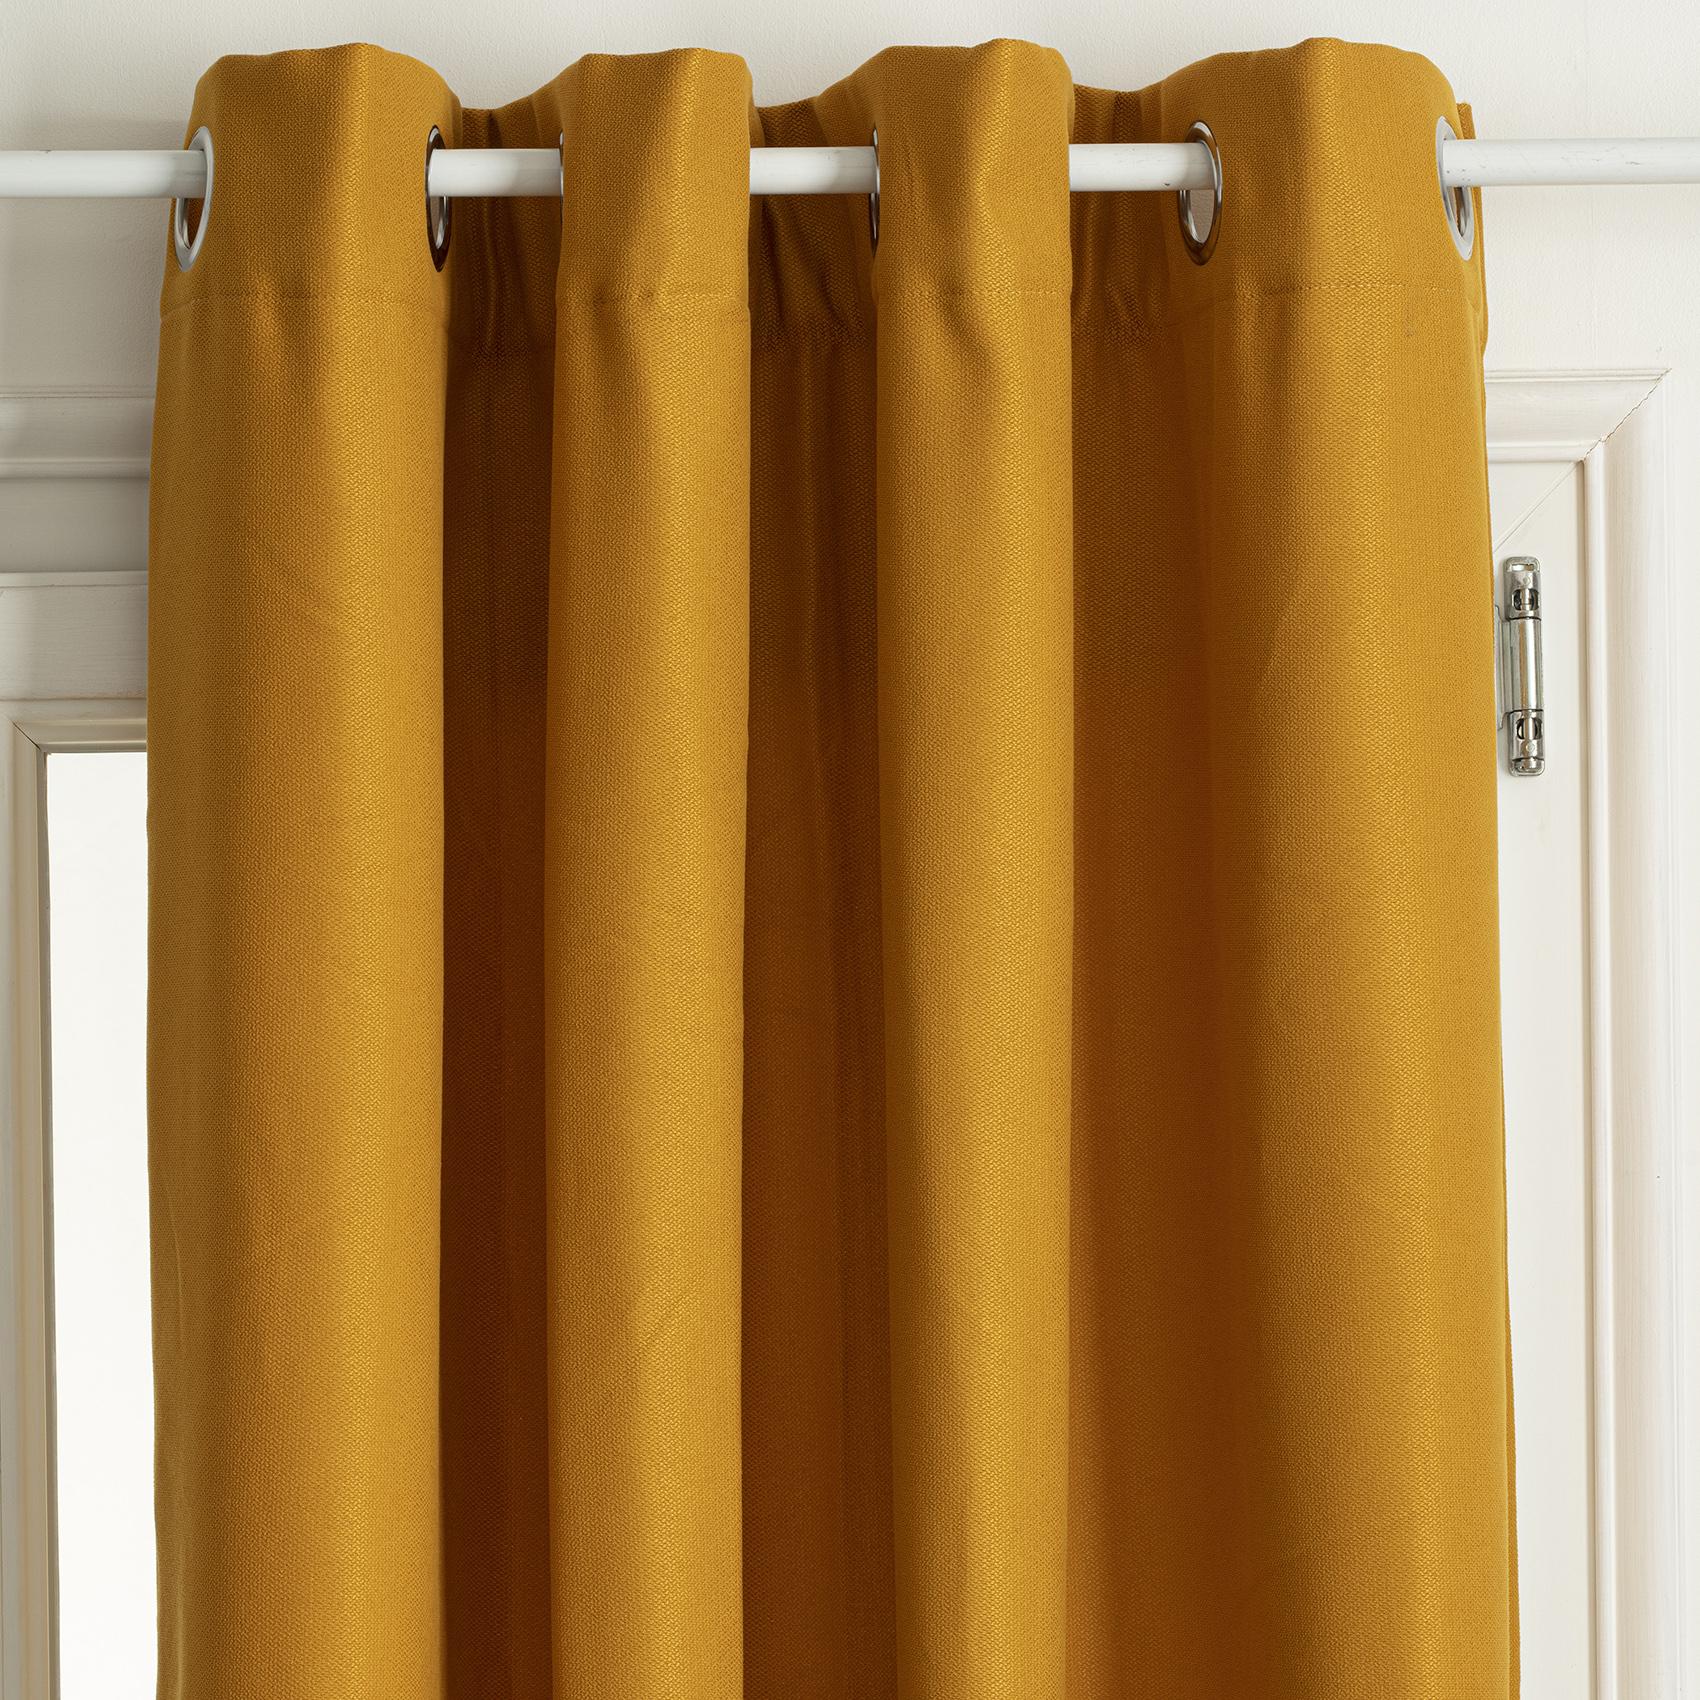 Rideau thermique et isolant uni polyester ocre 260x140